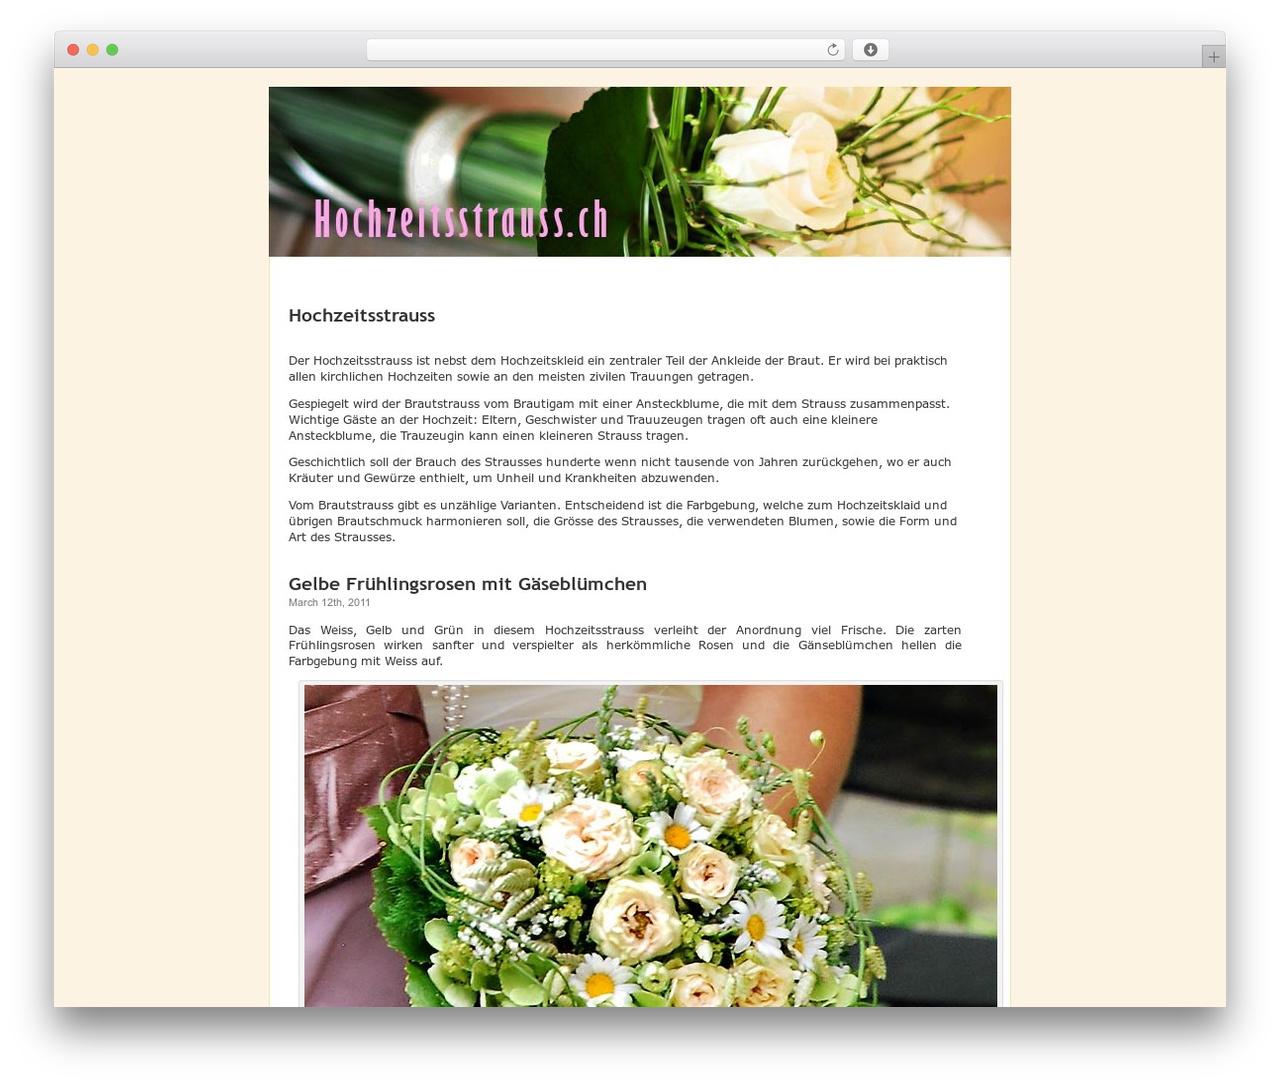 Template Wordpress Wordpress Default By Michael Heilemann